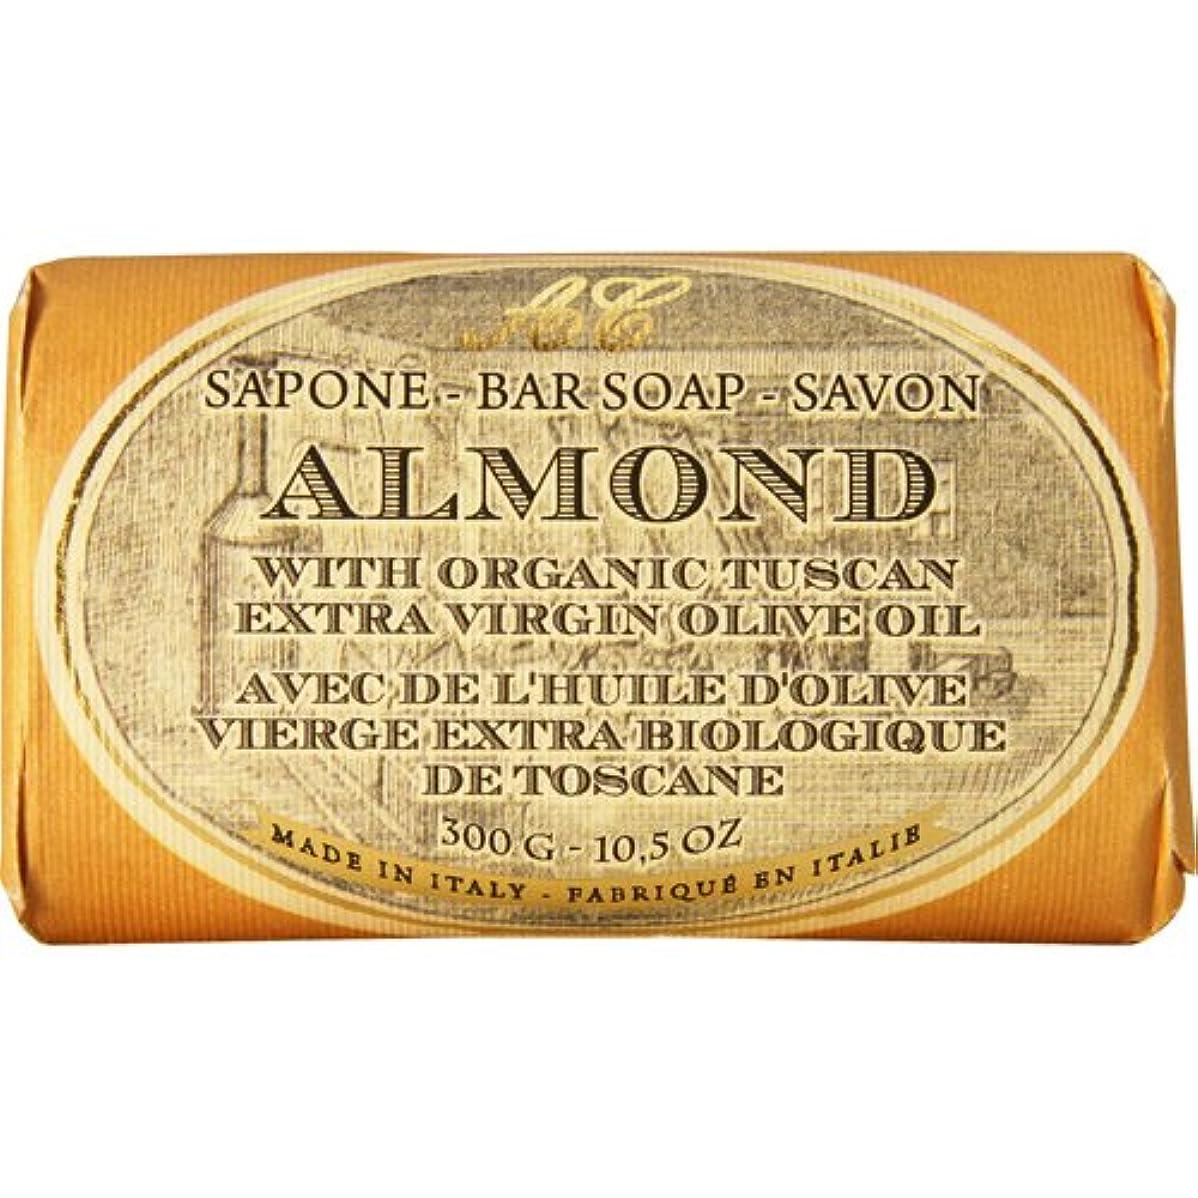 観光に行く花嫁血統Saponerire Fissi レトロシリーズ Bar Soap バーソープ 300g Almond アーモンドオイル